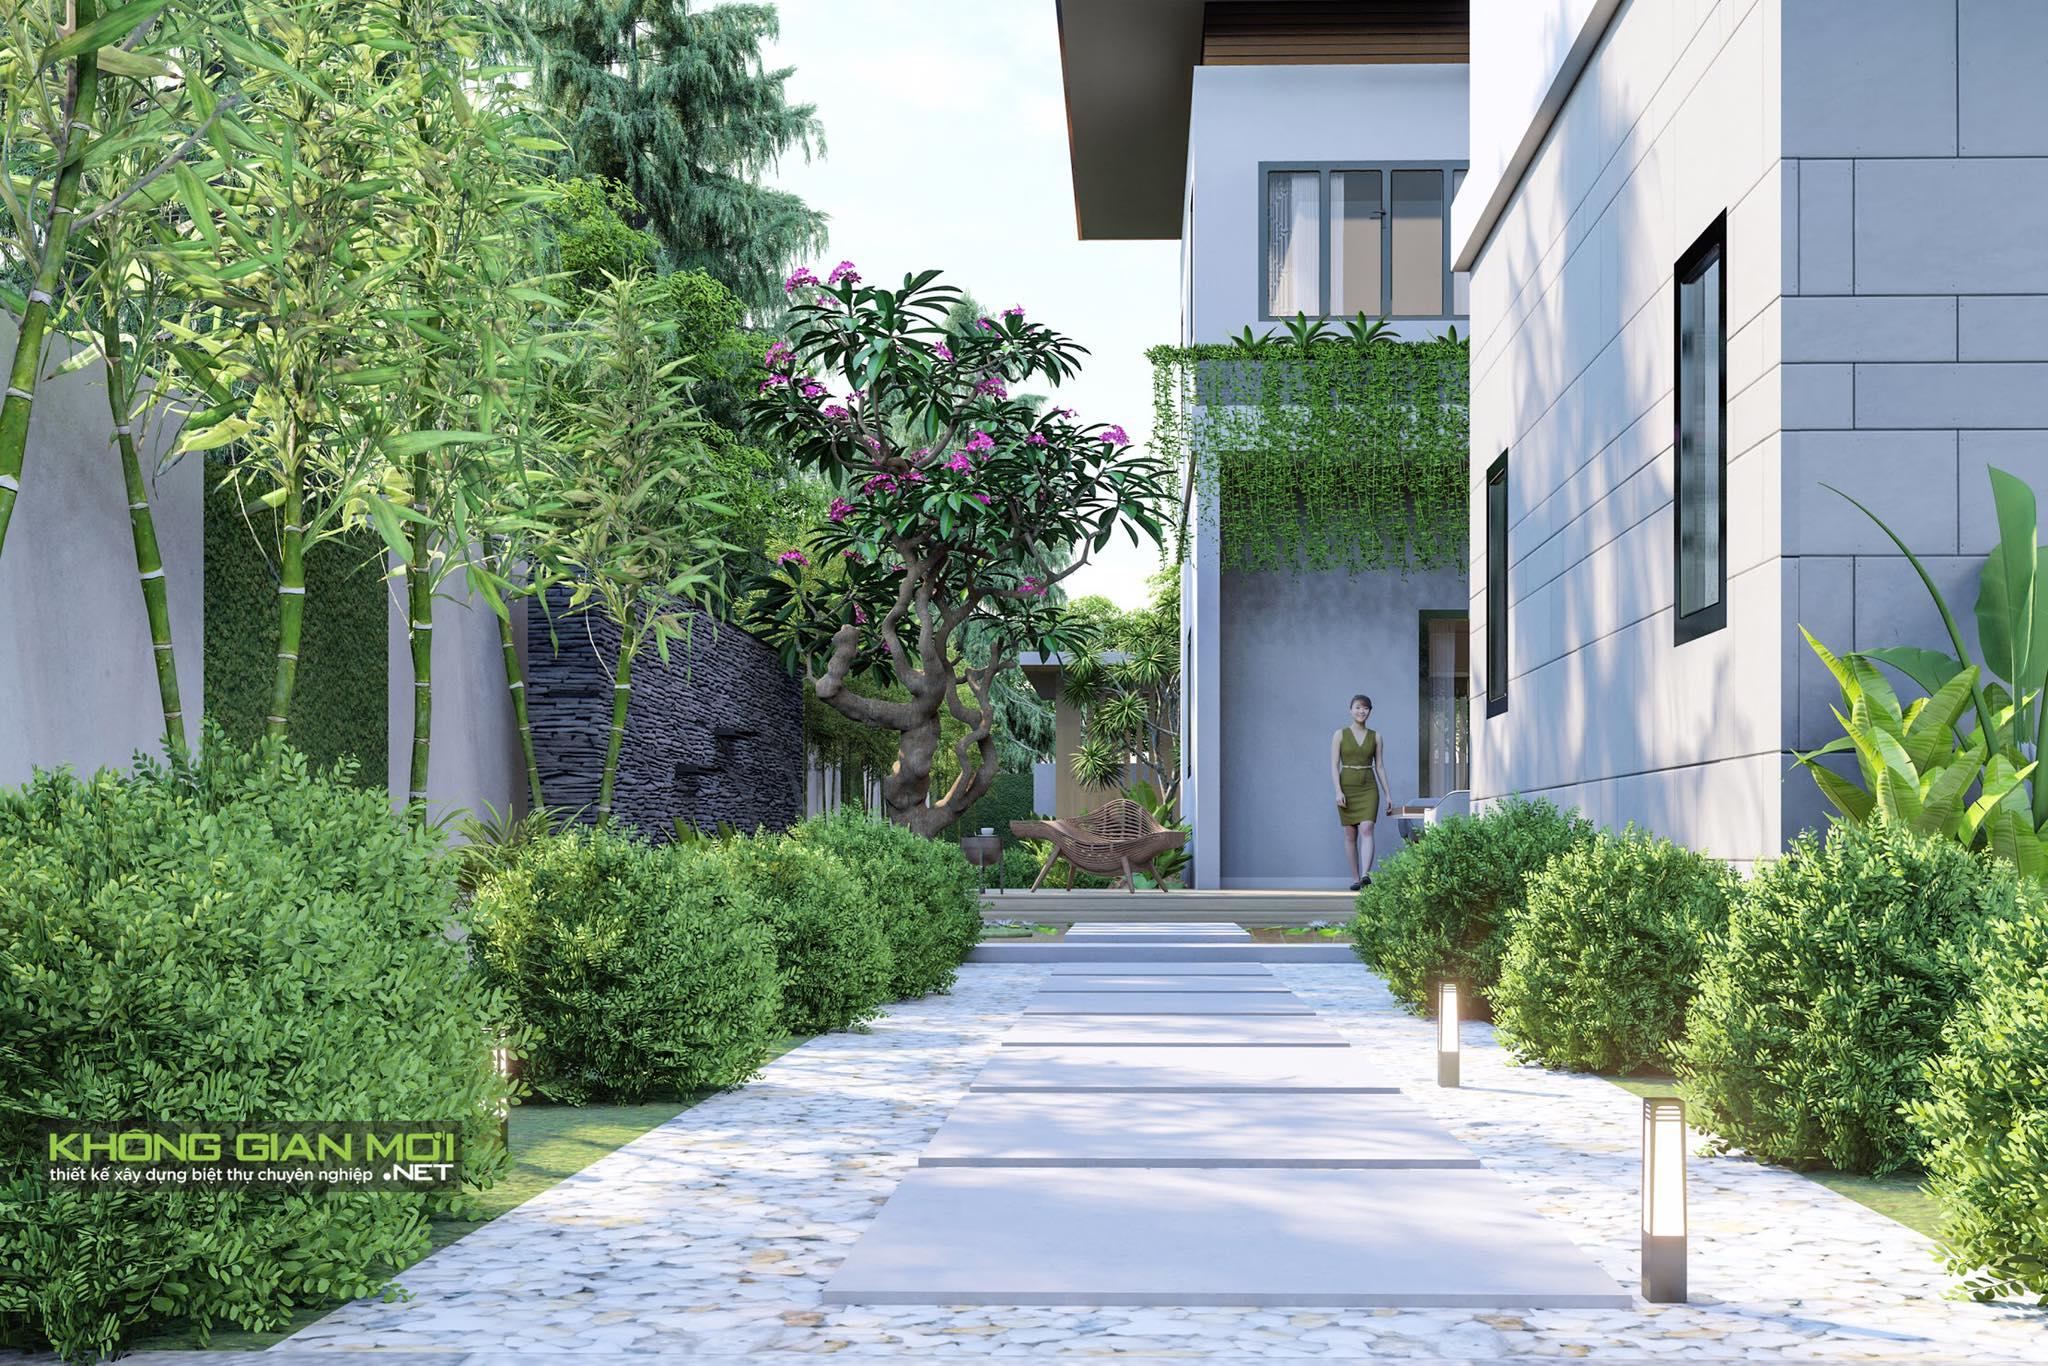 thiết kế Biệt Thự 2 tầng tại Tiền Giang KGM THIẾT KẾ XÂY DỰNG BIỆT THỰ - TIỀN GIANG 2 1562642646